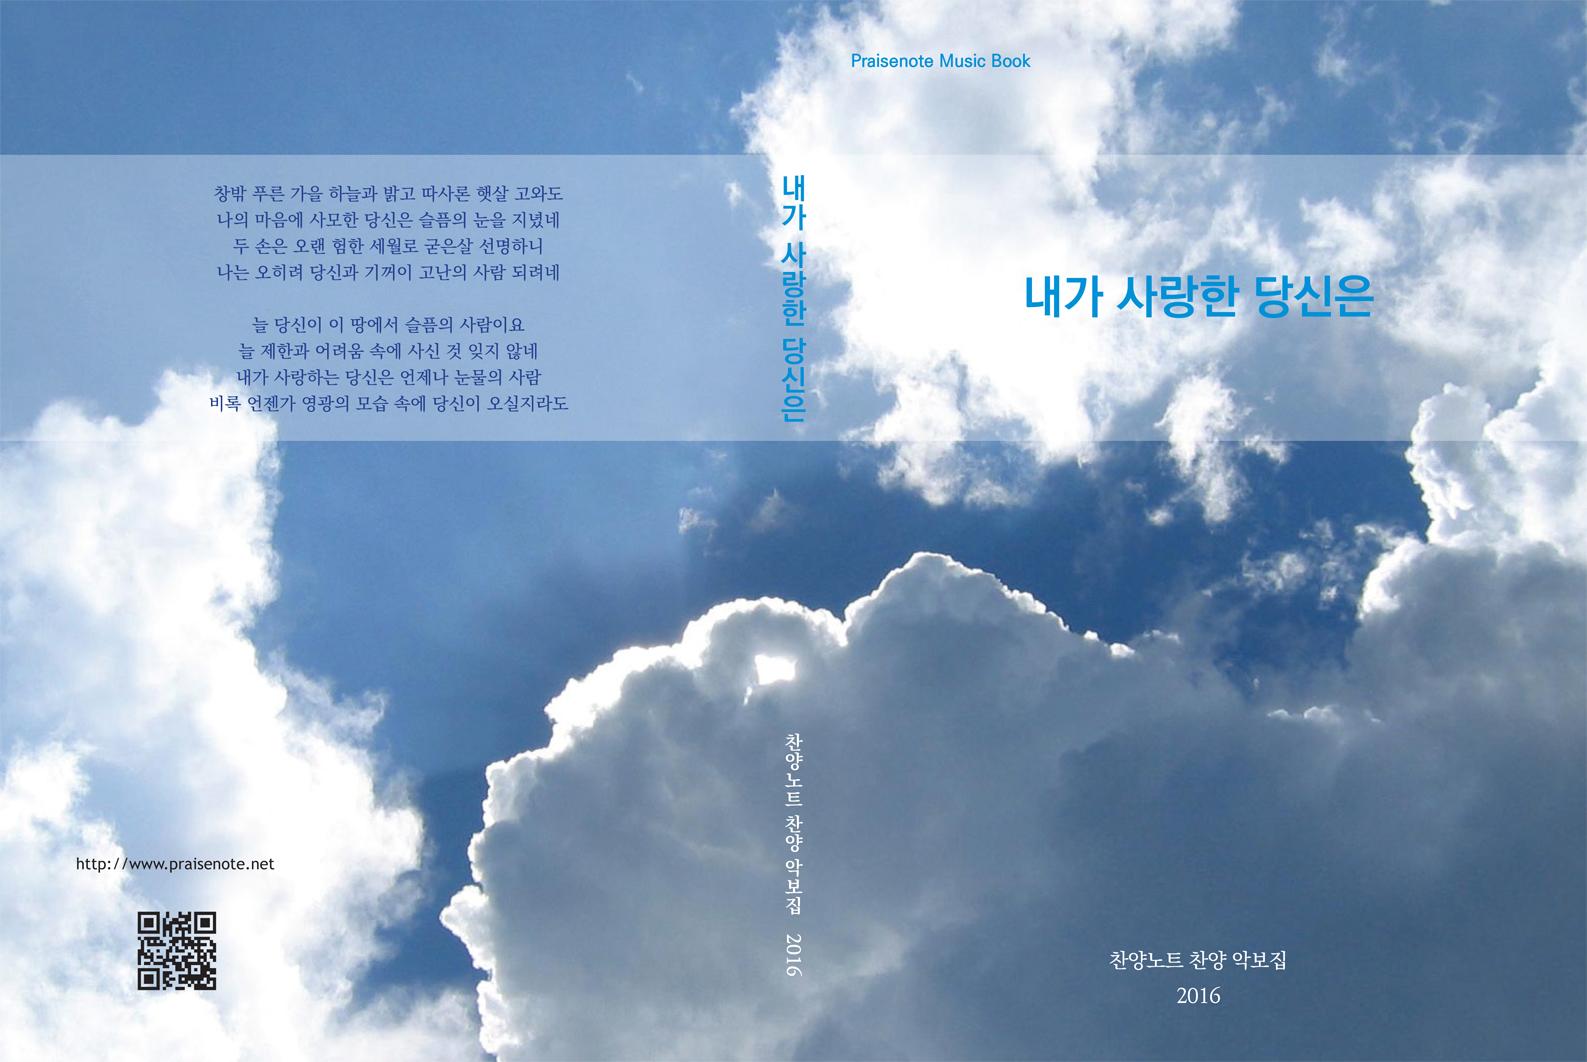 찬양 악보집 표지 초안2.jpg